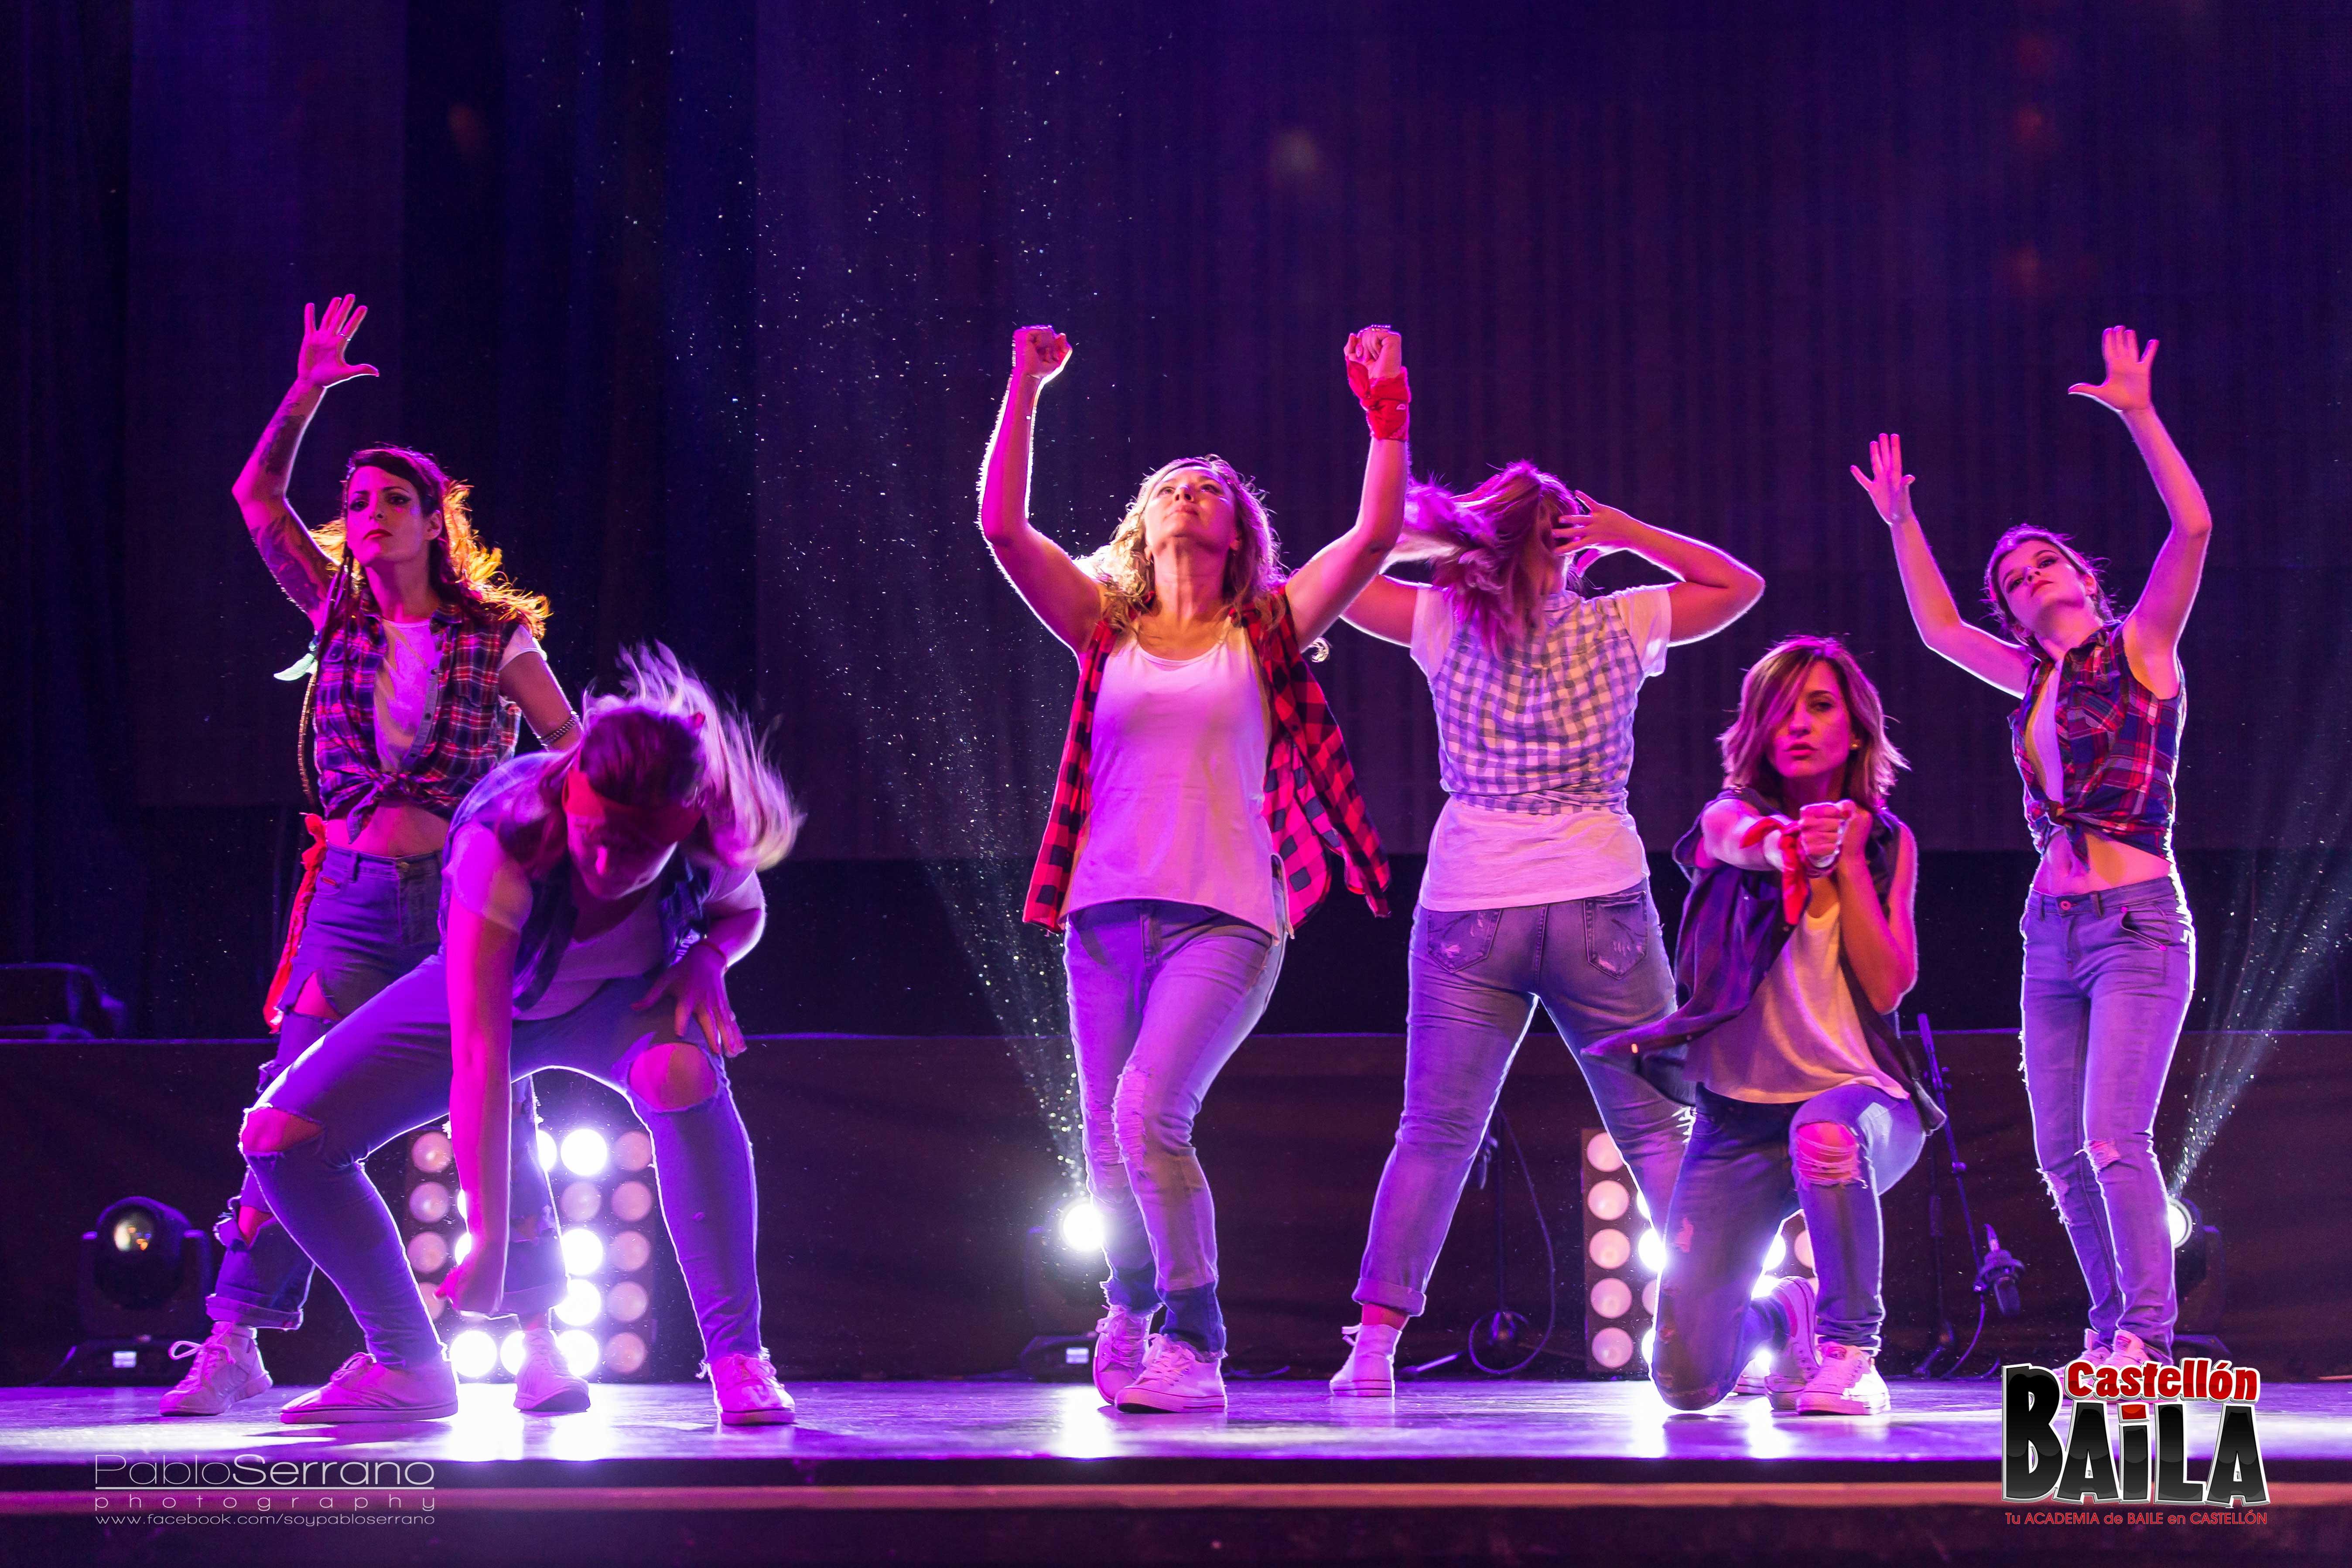 Es sólo al bailar cuando el mundo se mueve con sentido.